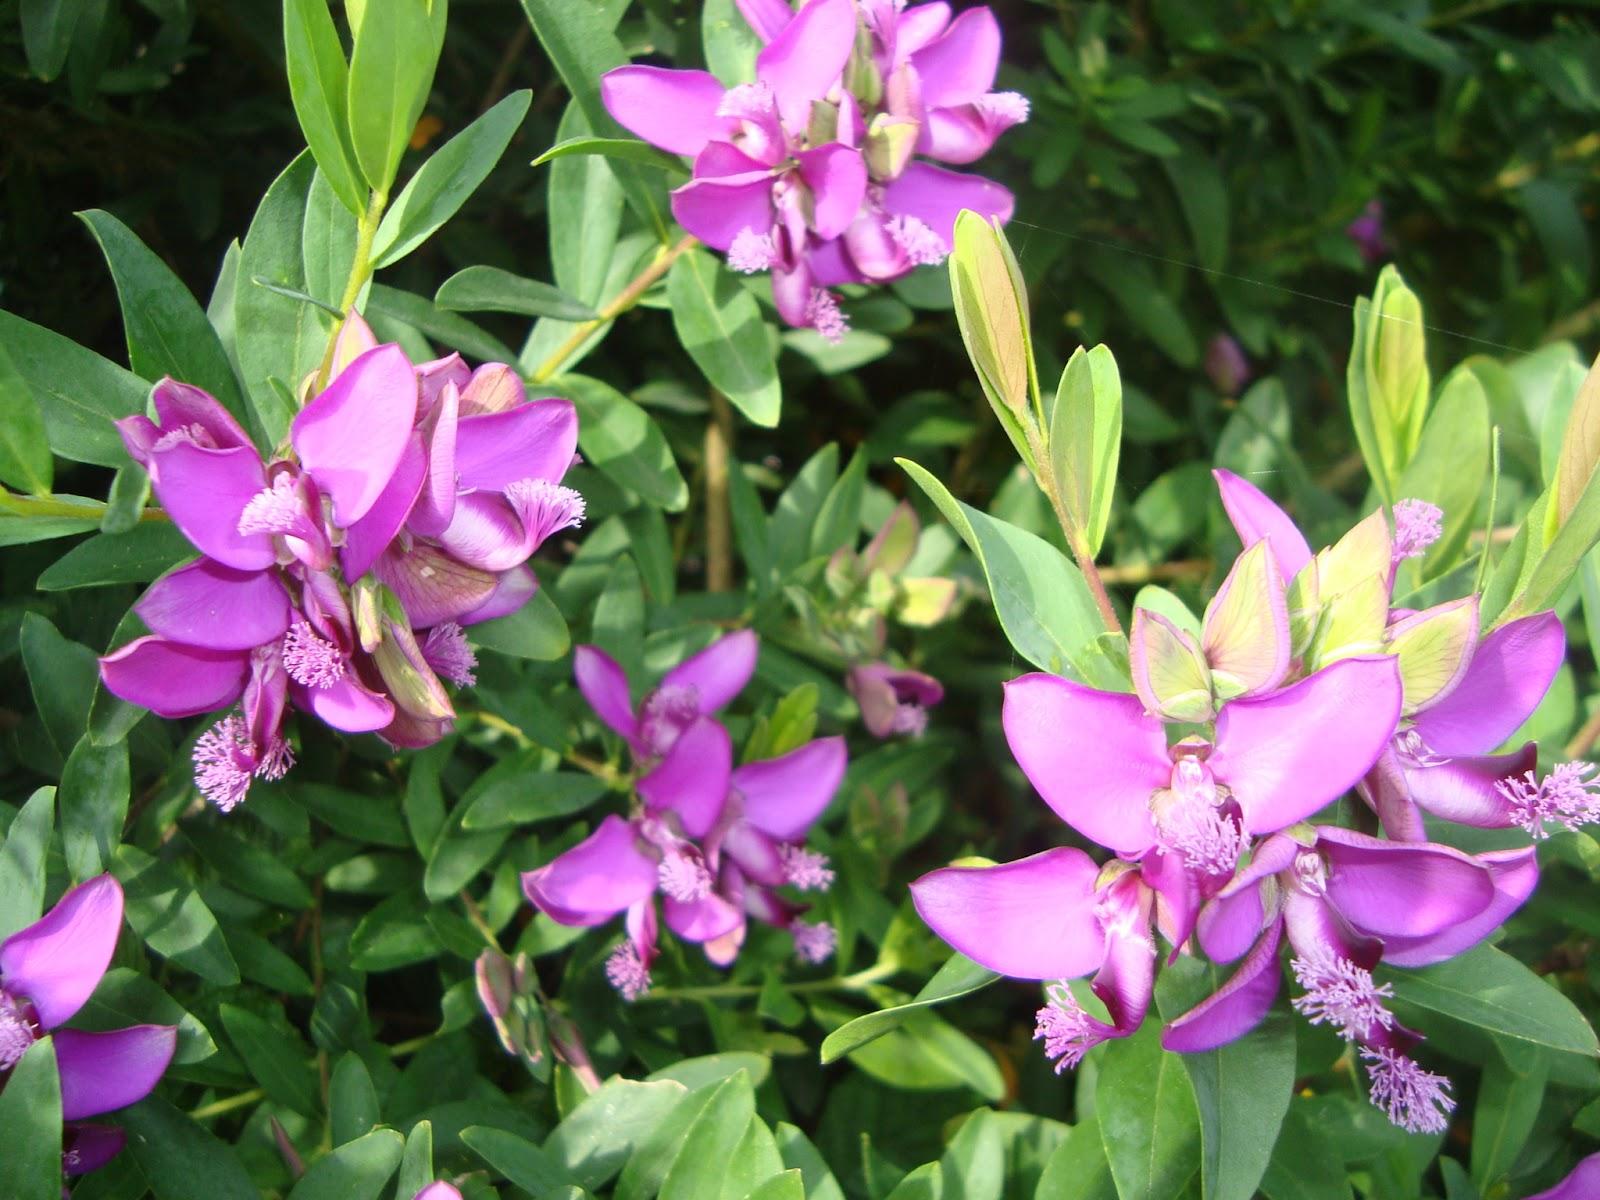 Floresamatxo todo sobre las flores consejos para cuidar tus flores y plantas polygala myrtifolia - Fotos flores preciosas ...